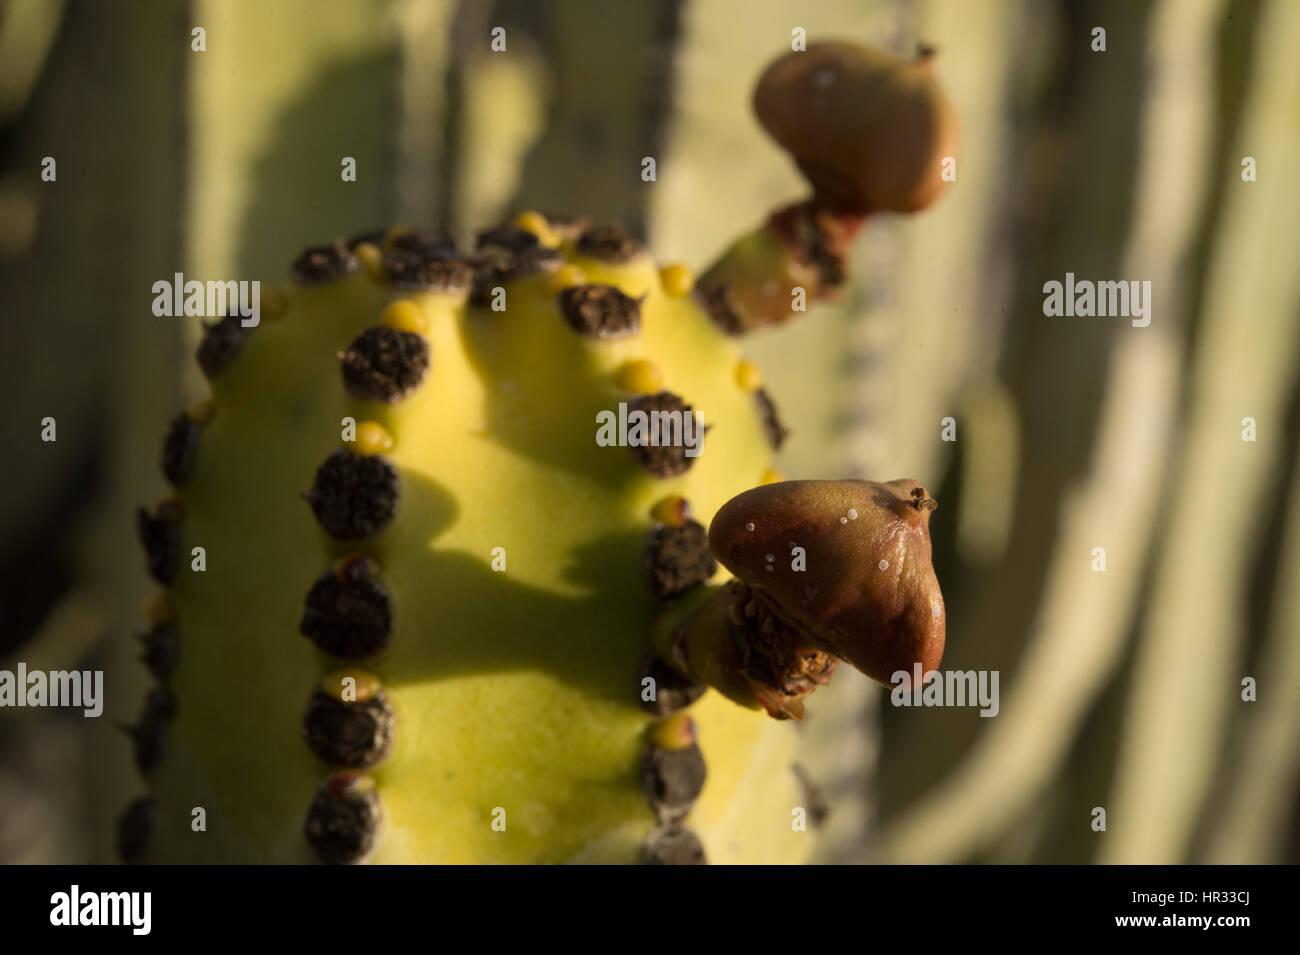 Canarie-Wolfsmilch, Euphorbia Canariensis, Euphorbiaceae, Teneriffa Süd, Kanarische Inseln, Spanien, Europa Stockbild